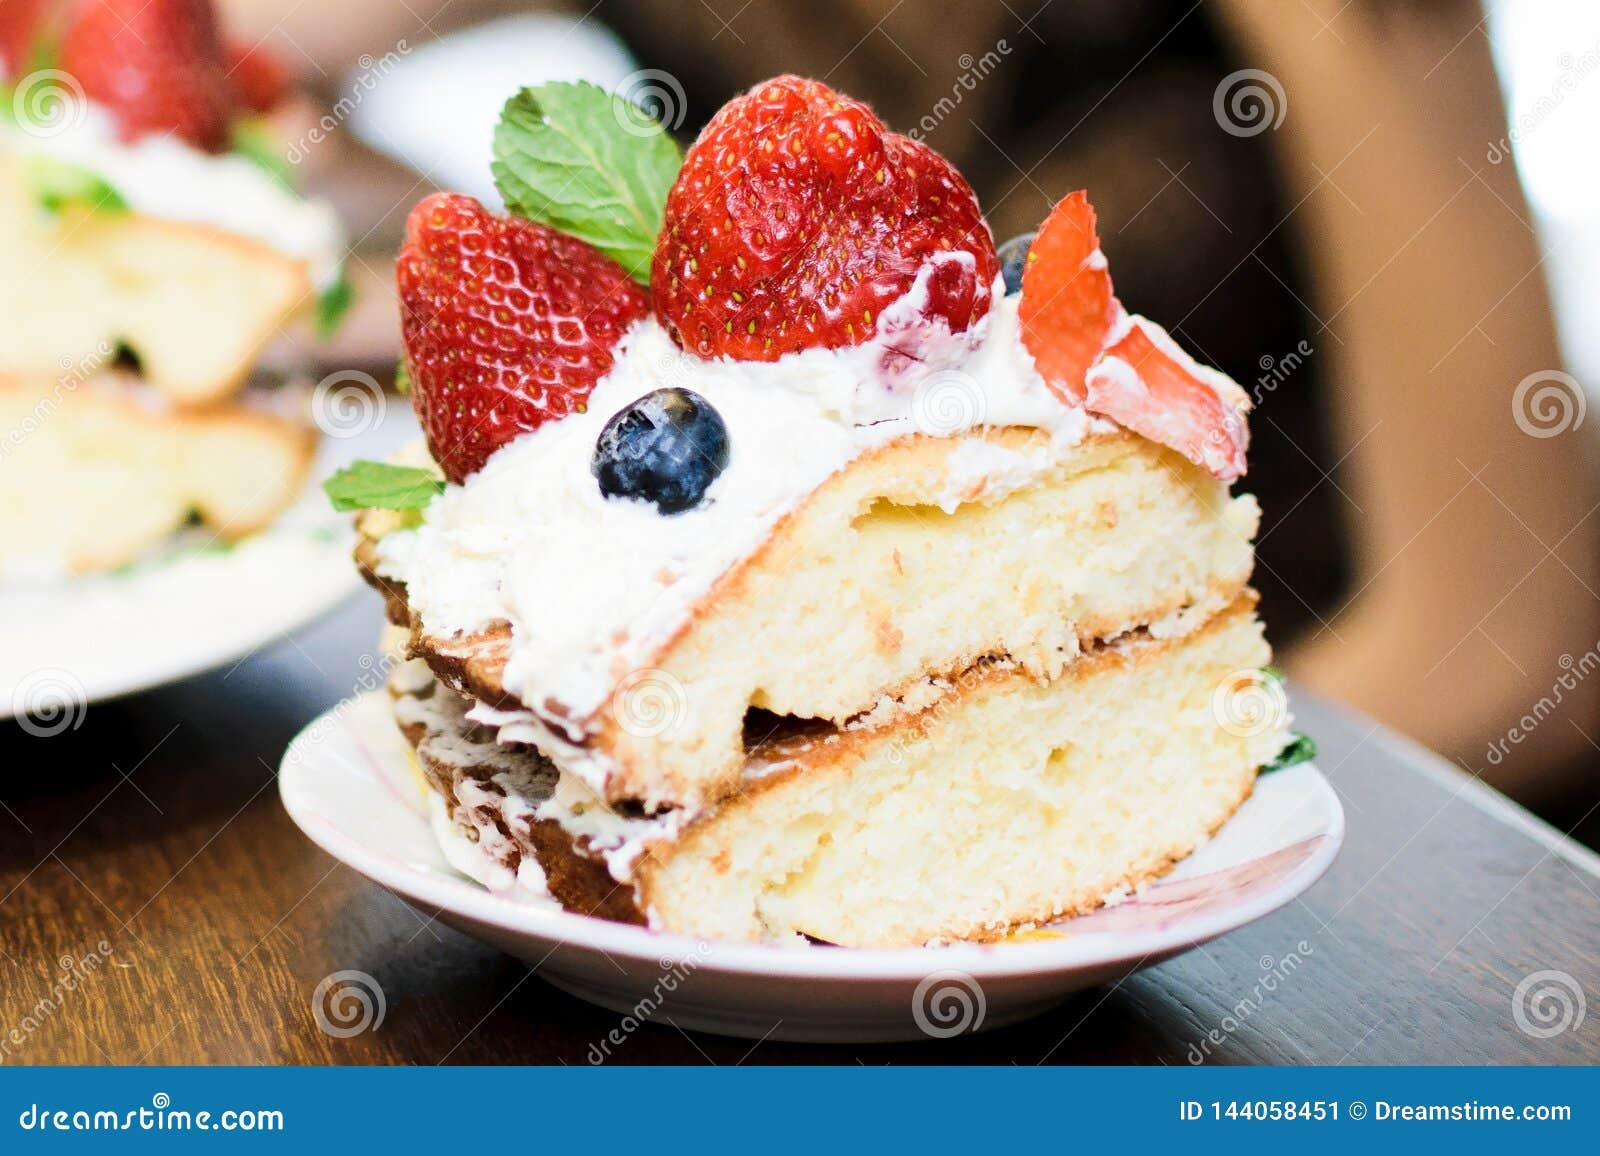 Kawałek tort z truskawkami w śmietance